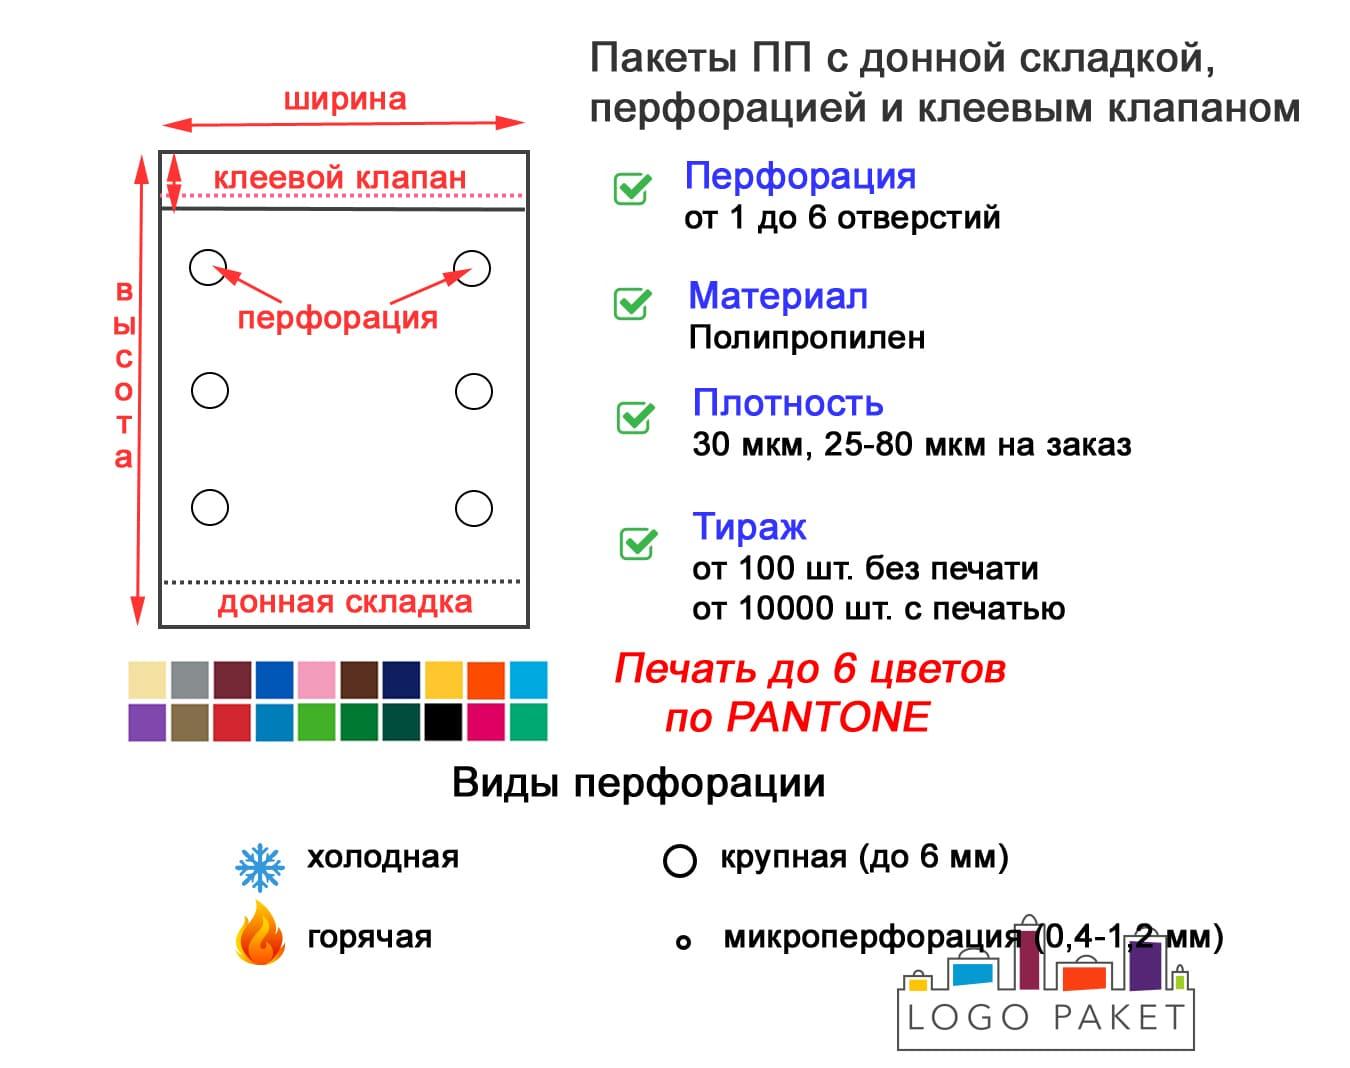 ПП пакет с перфорацией инфографика